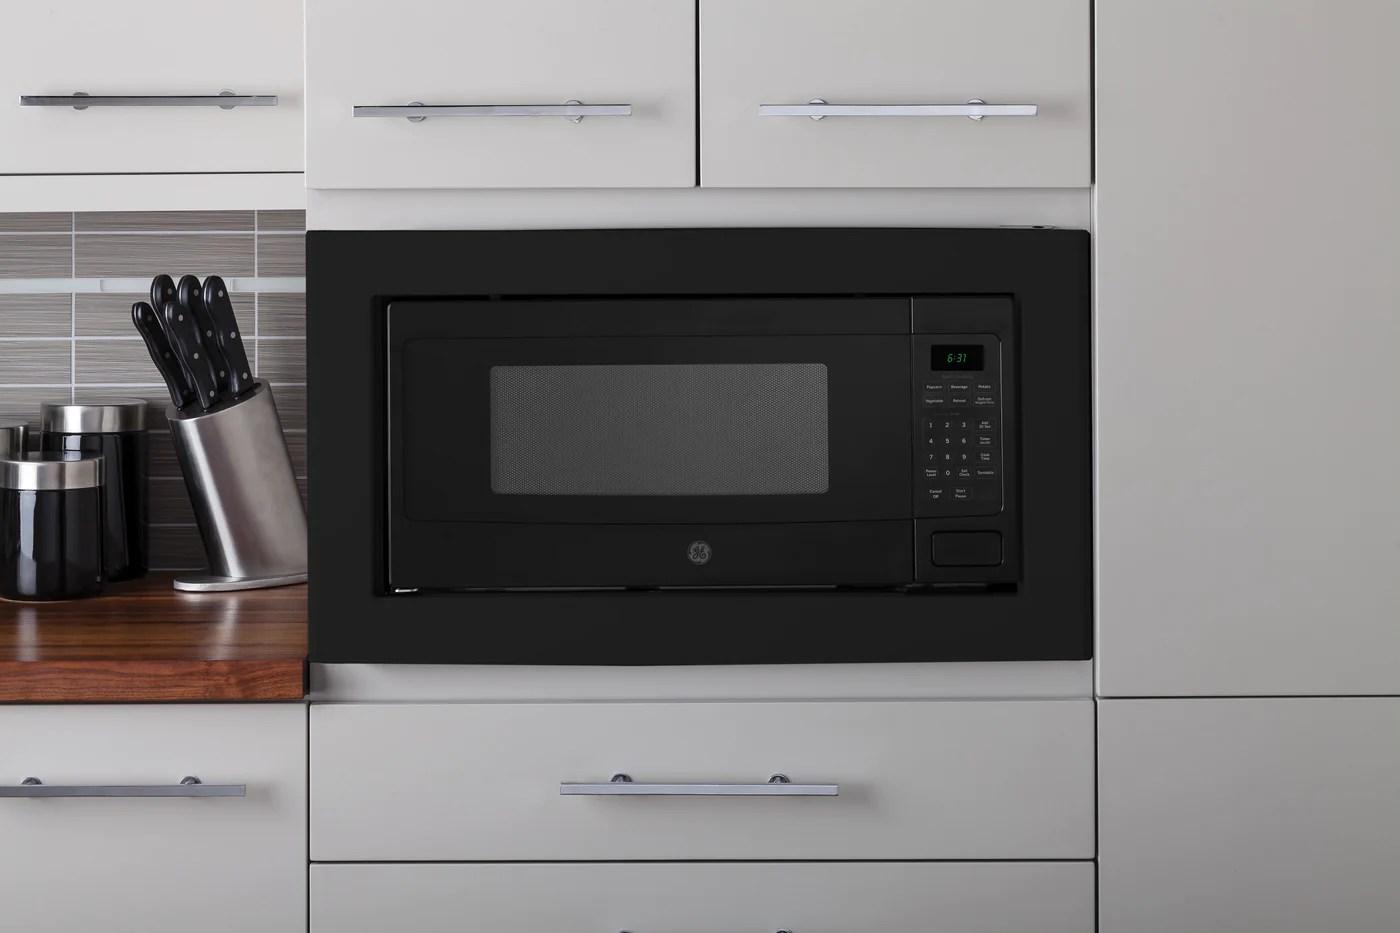 ge profile black 30 inch microwave built in trim kit jx830bfc